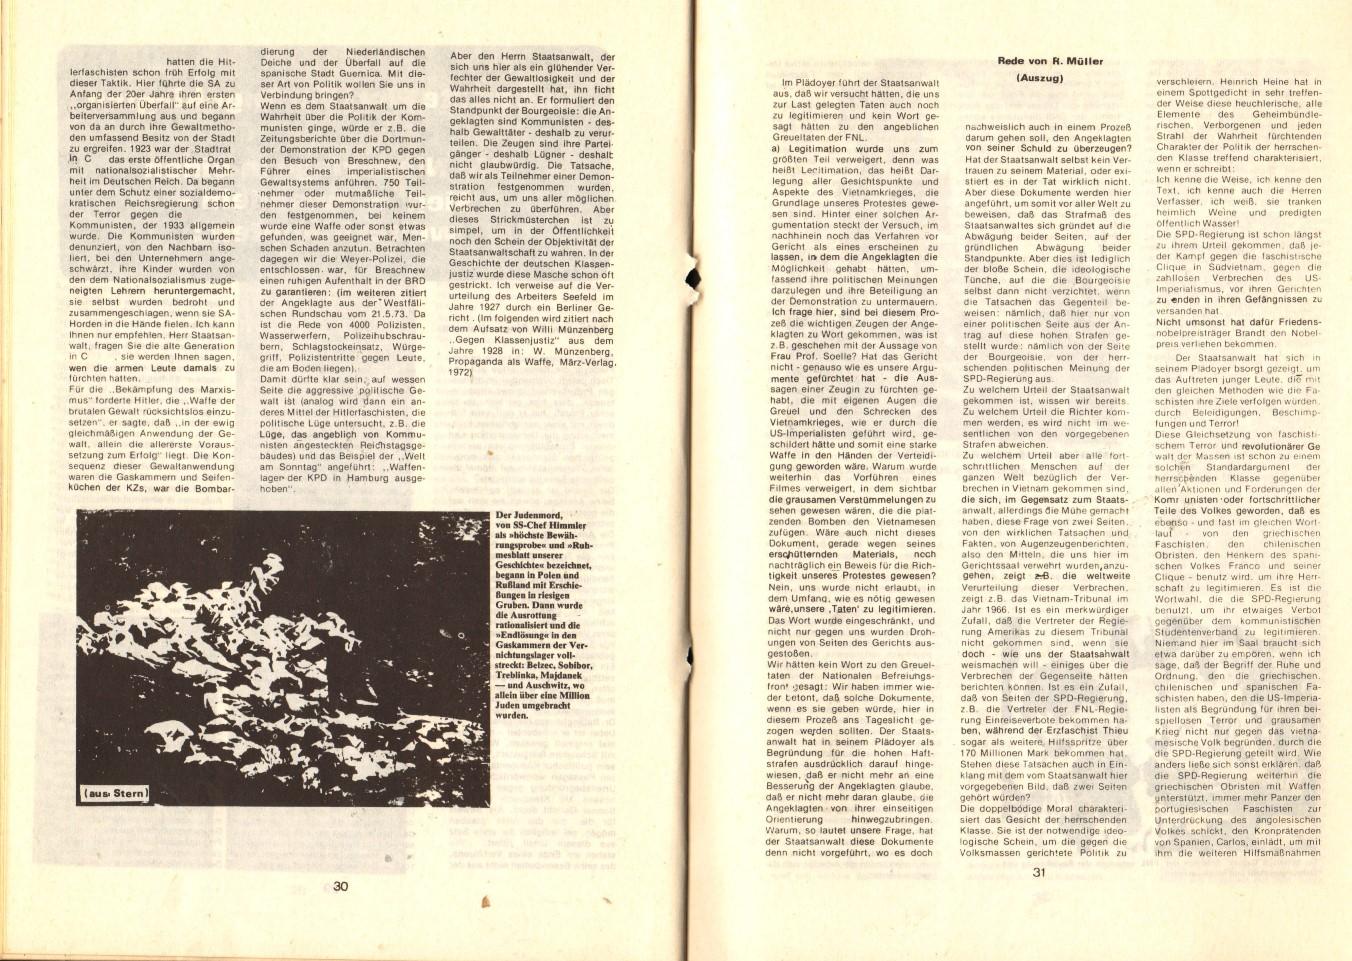 Koeln_RHeV_1975_Der_Koelner_Vietnamprozess_18